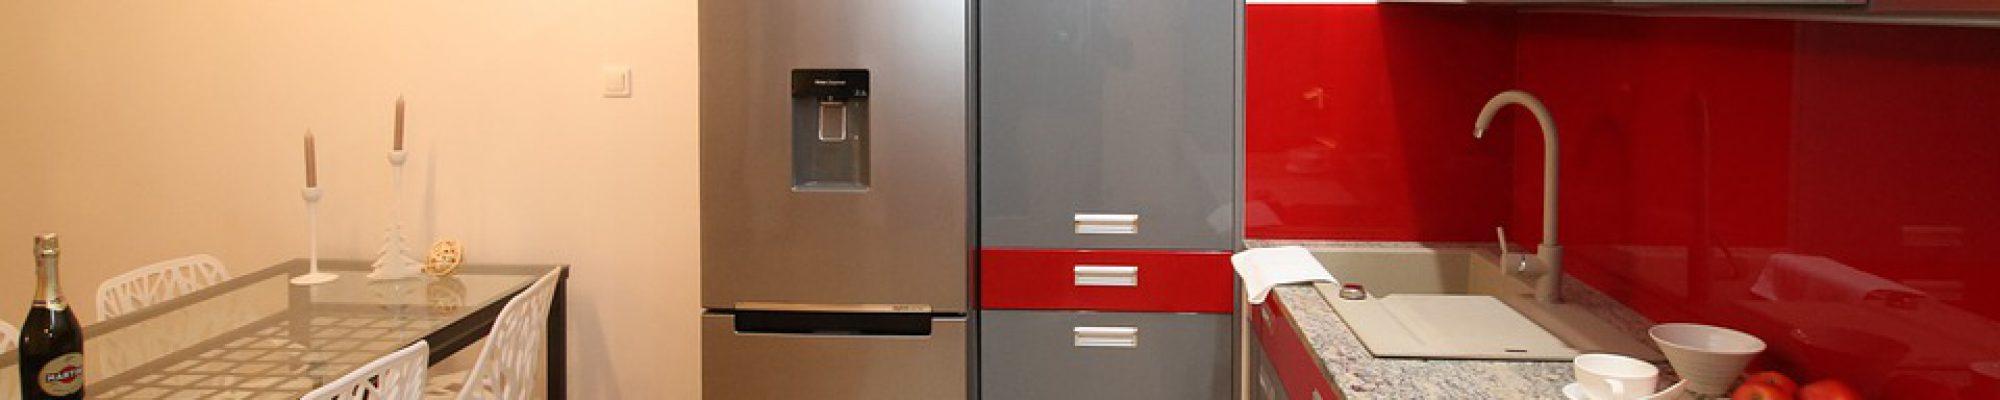 kitchen-2094738_960_720